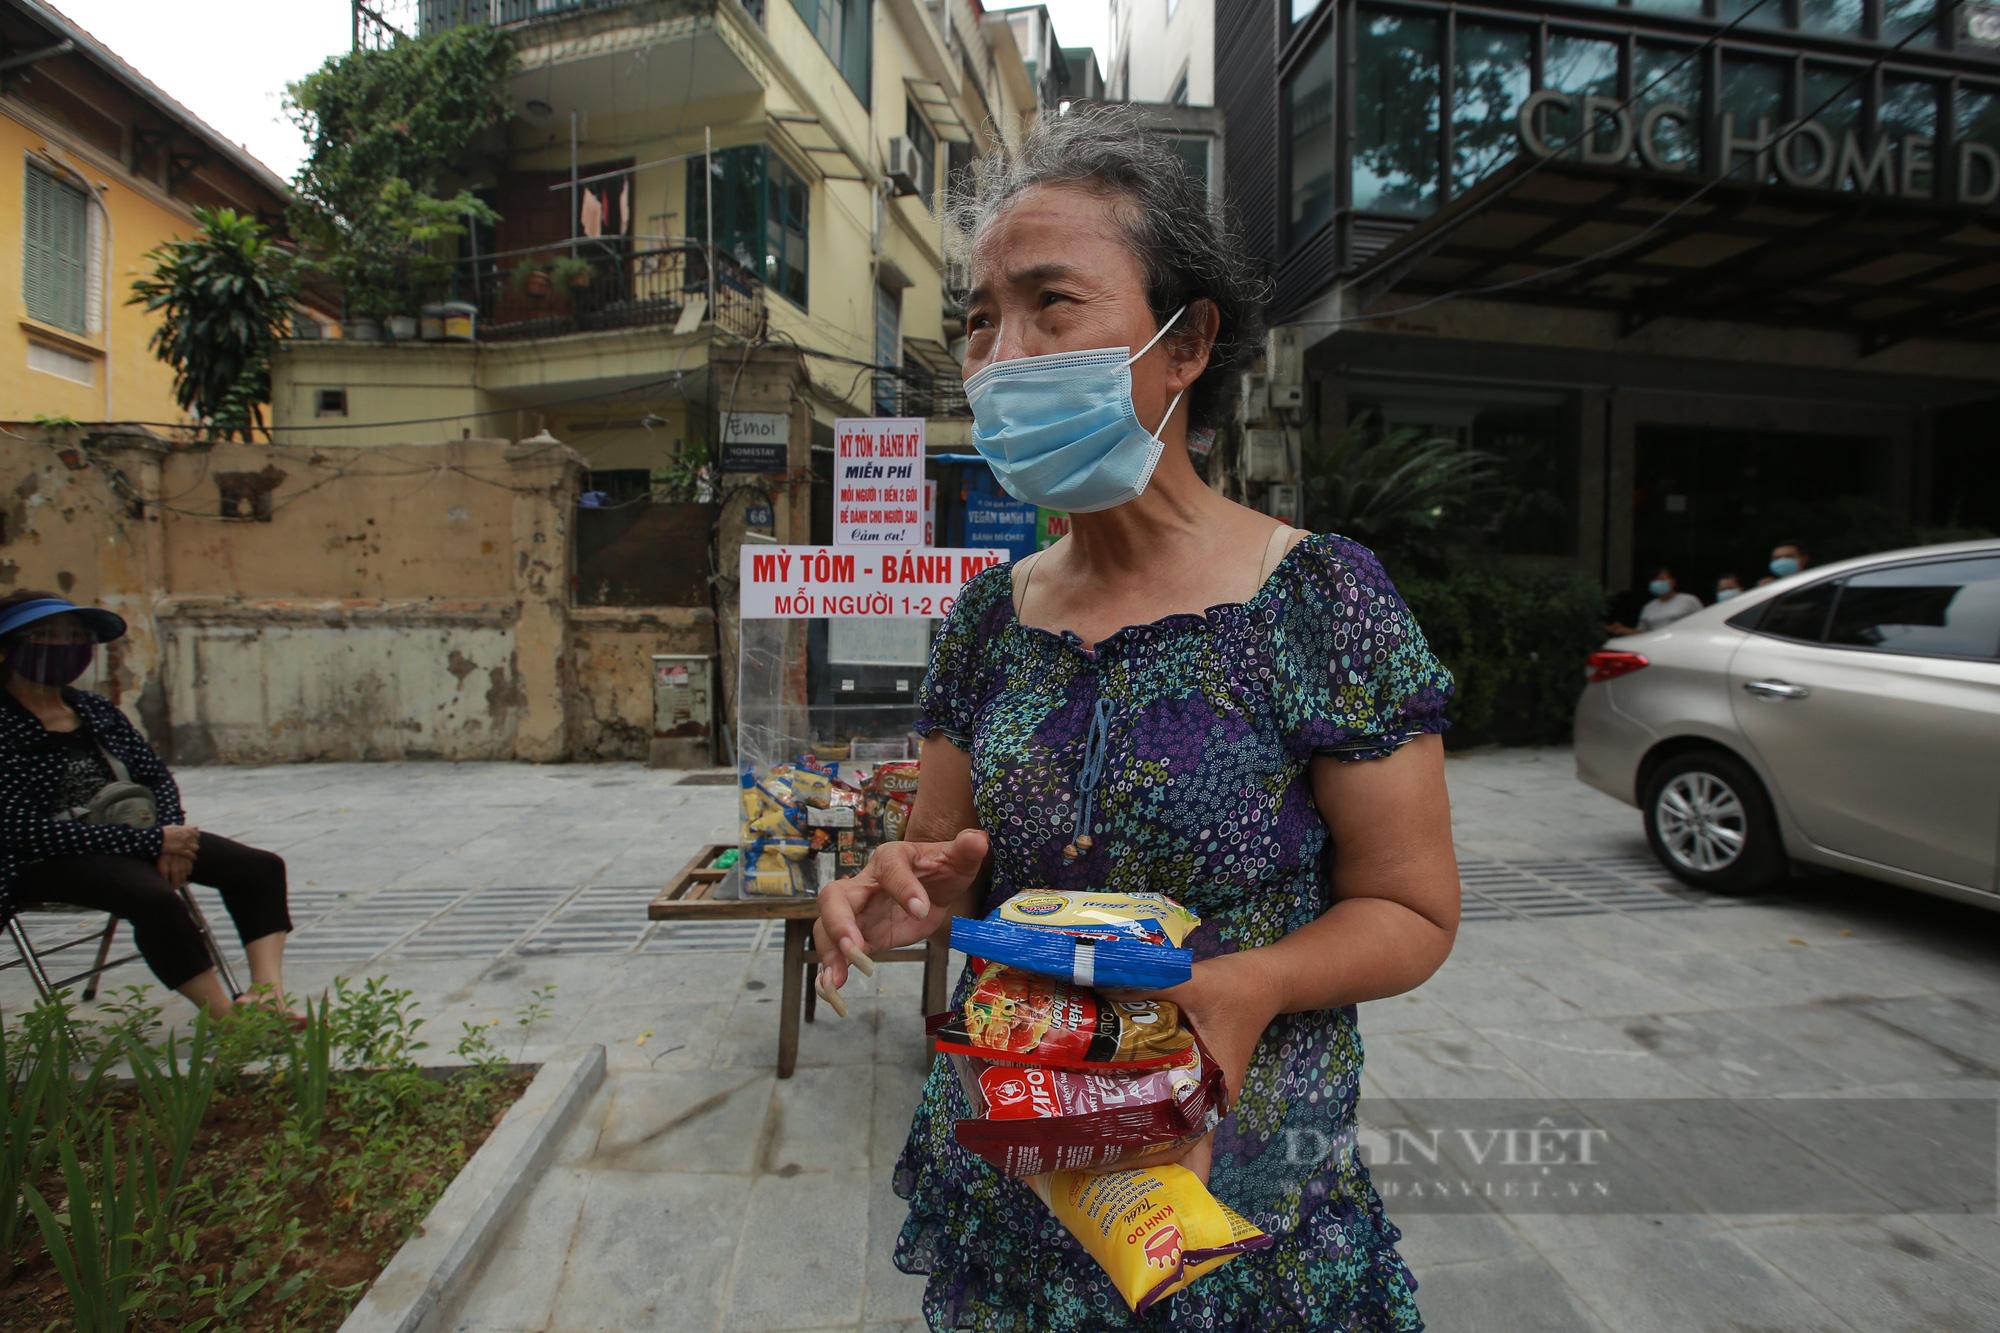 Ấm lòng tủ mì tôm, nước lọc miễn phí cho người khó khăn bên hè phố Hà Nội - Ảnh 5.